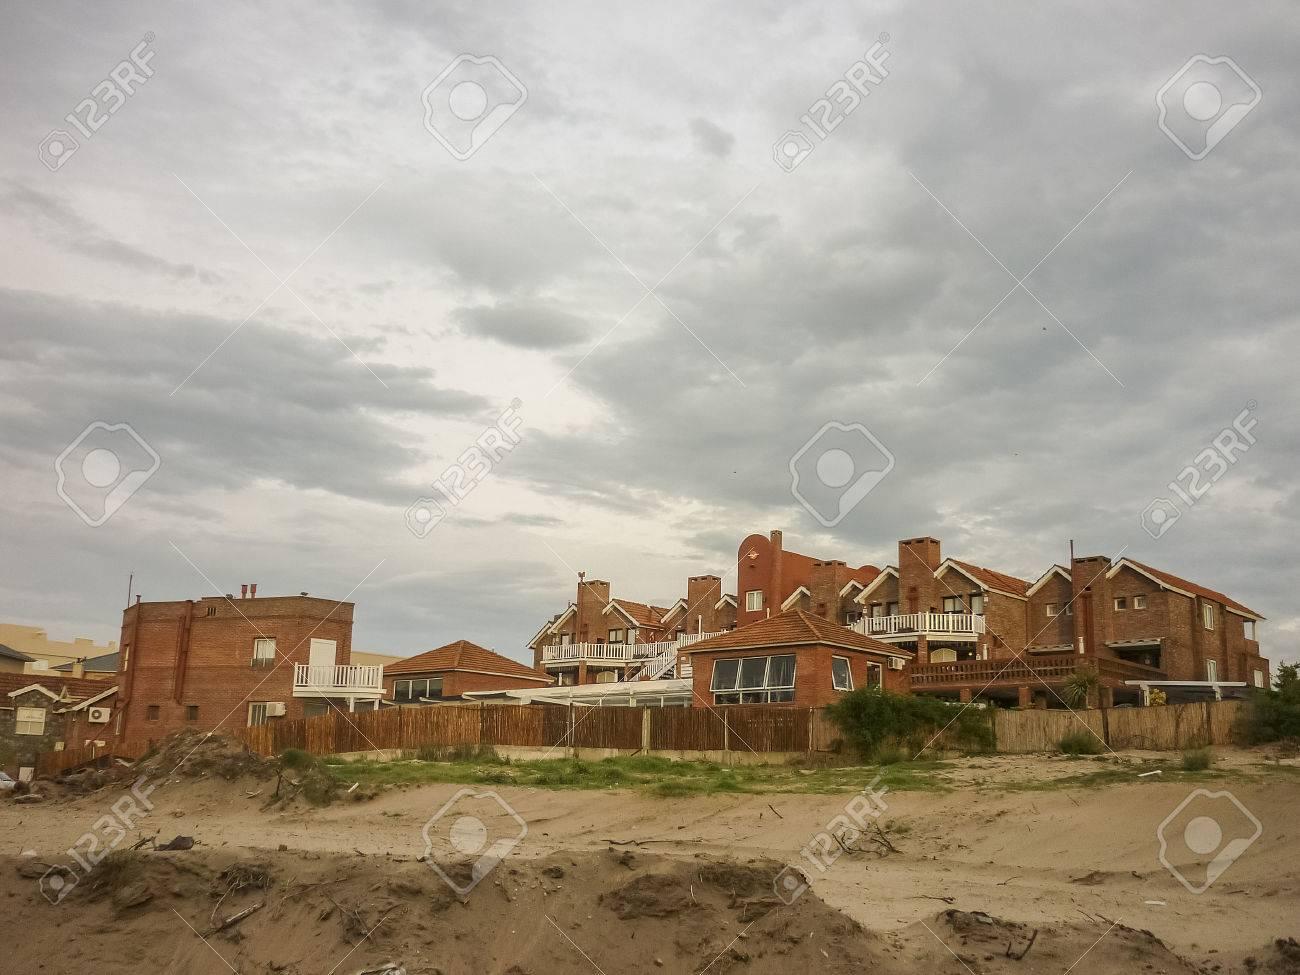 maison a l exterieur de carilo un point d eau de luxe dans la province de buenos aires en argentine banque d images et photos libres de droits image 34676614